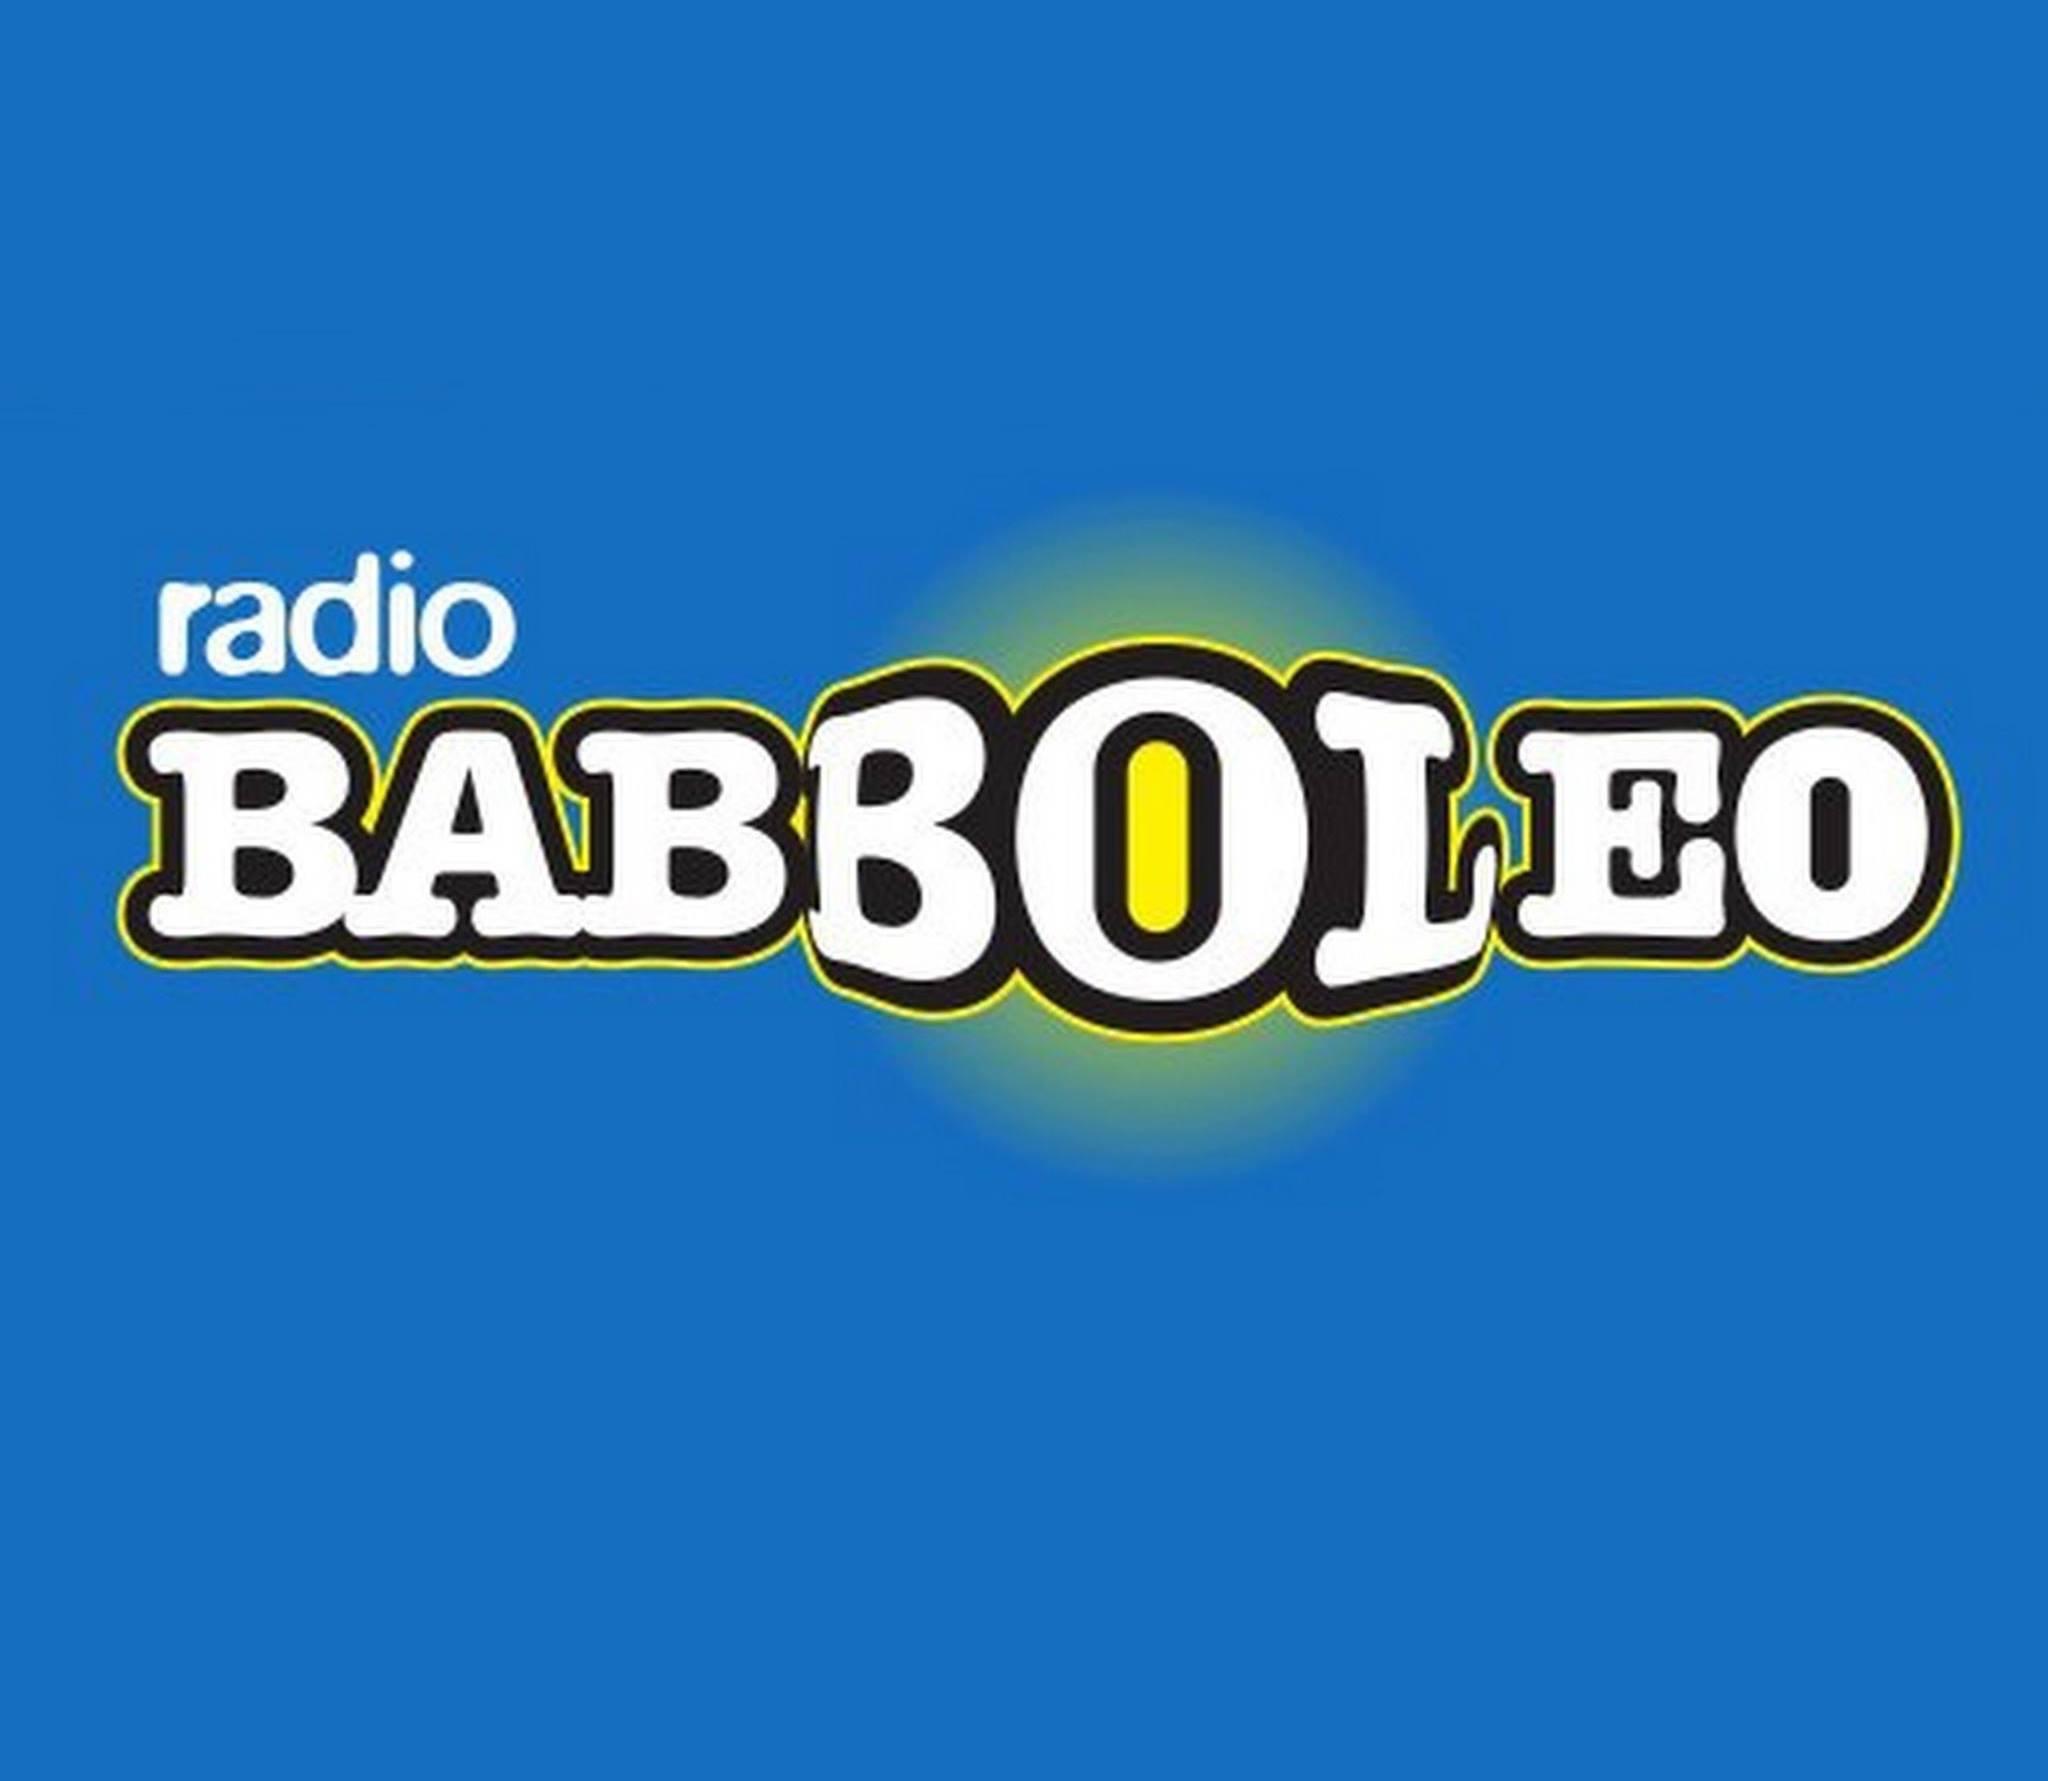 radio Babboleo Suono 93.6 FM Włochy, Genua